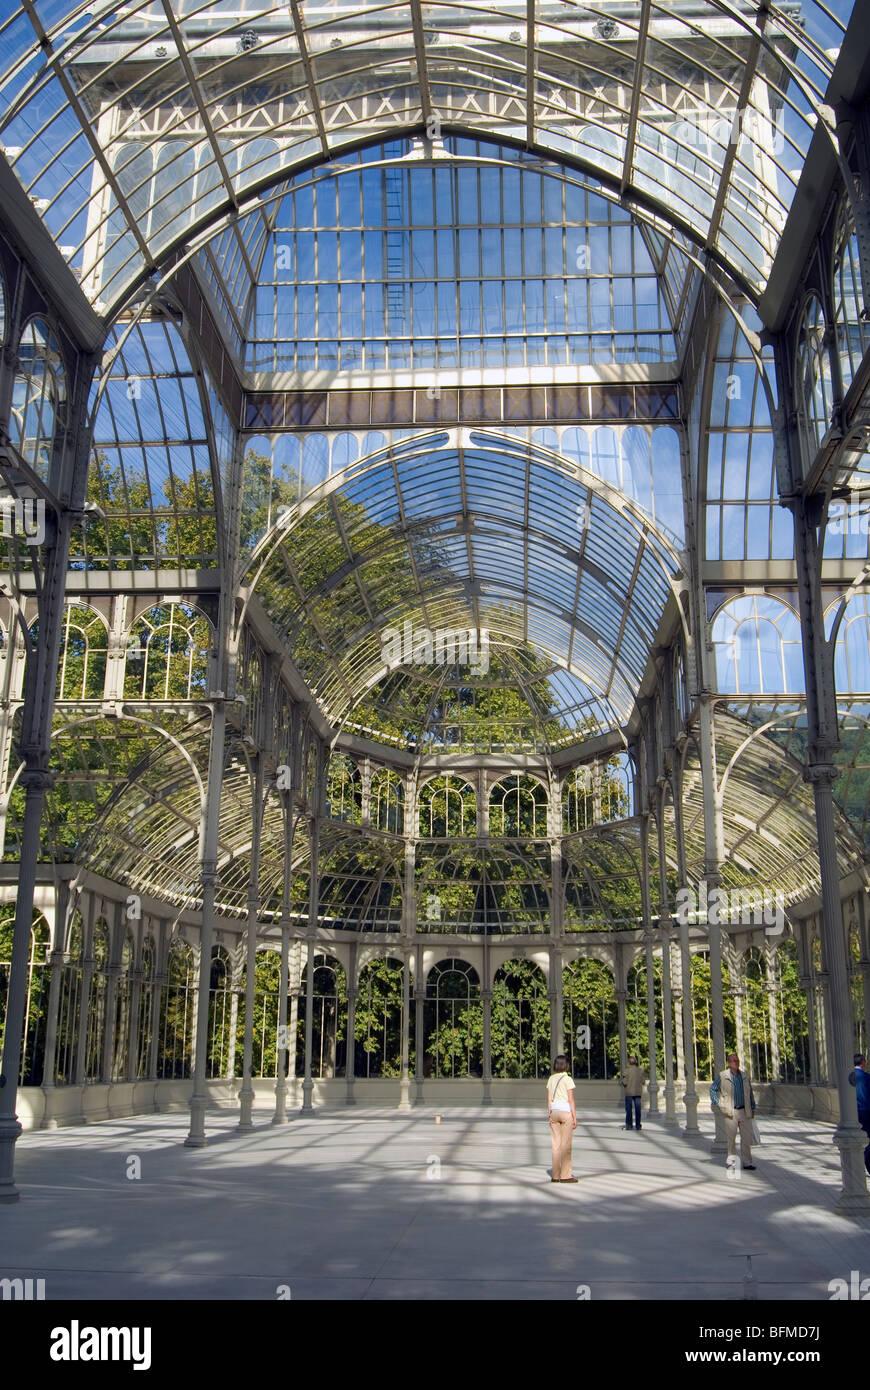 Palacio de Cristal en el Parque del Retiro en Madrid - Stock Image